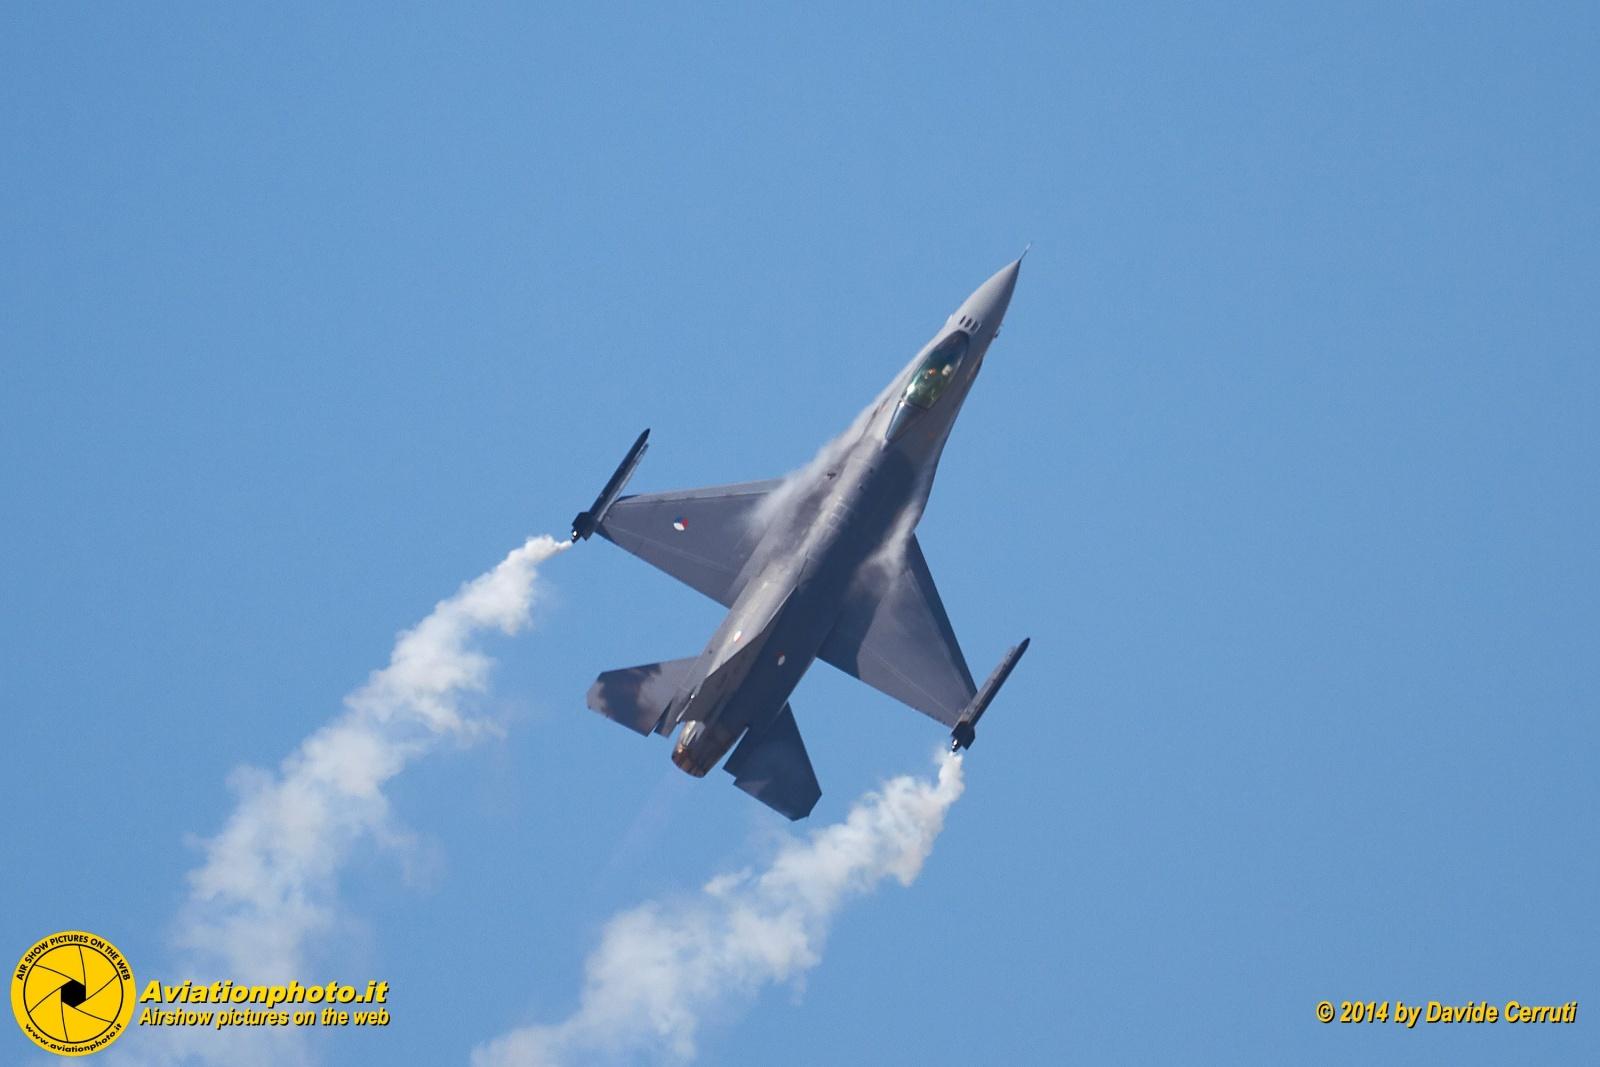 Air14 - Payer Air Base - Weekend 2 Display